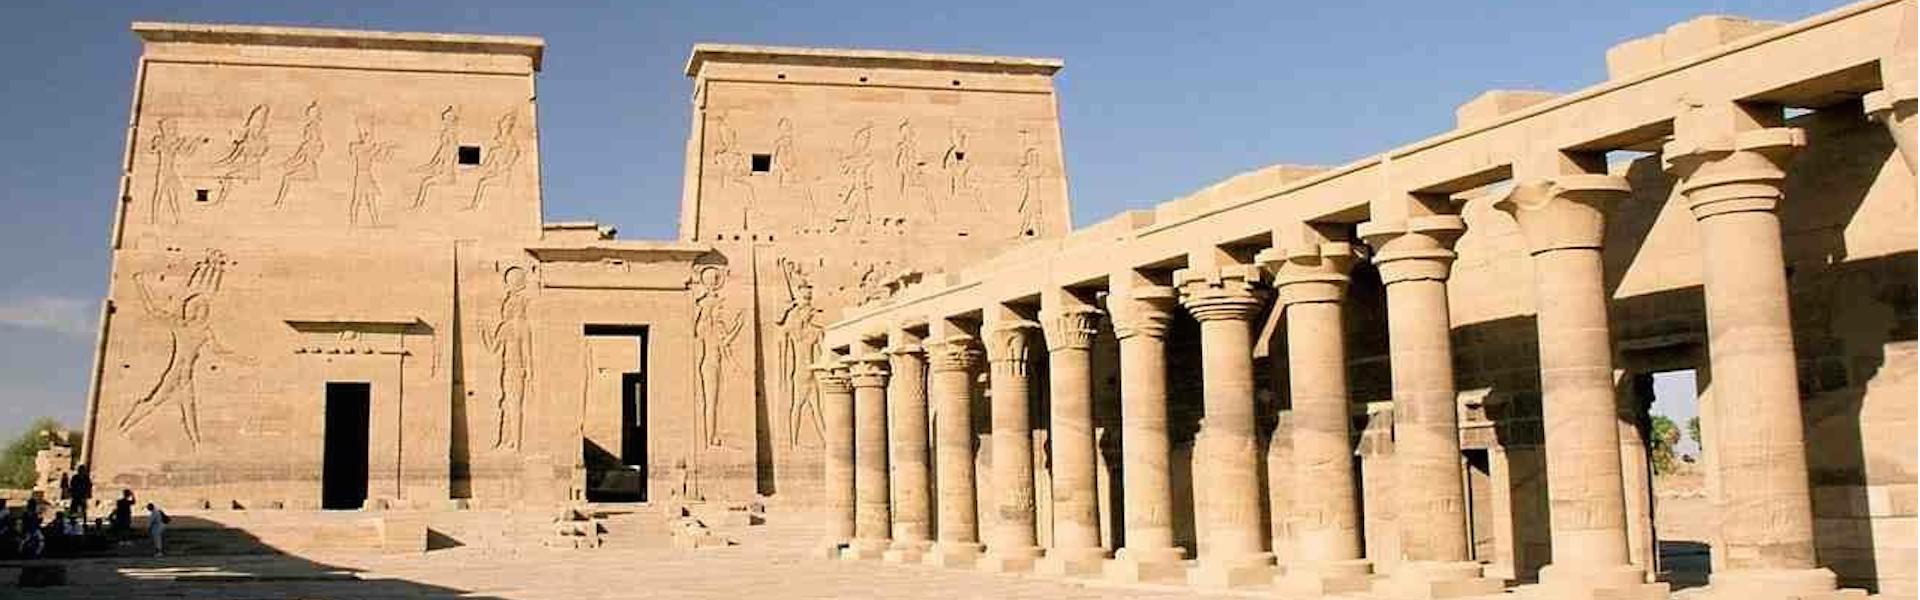 Egypt Blog